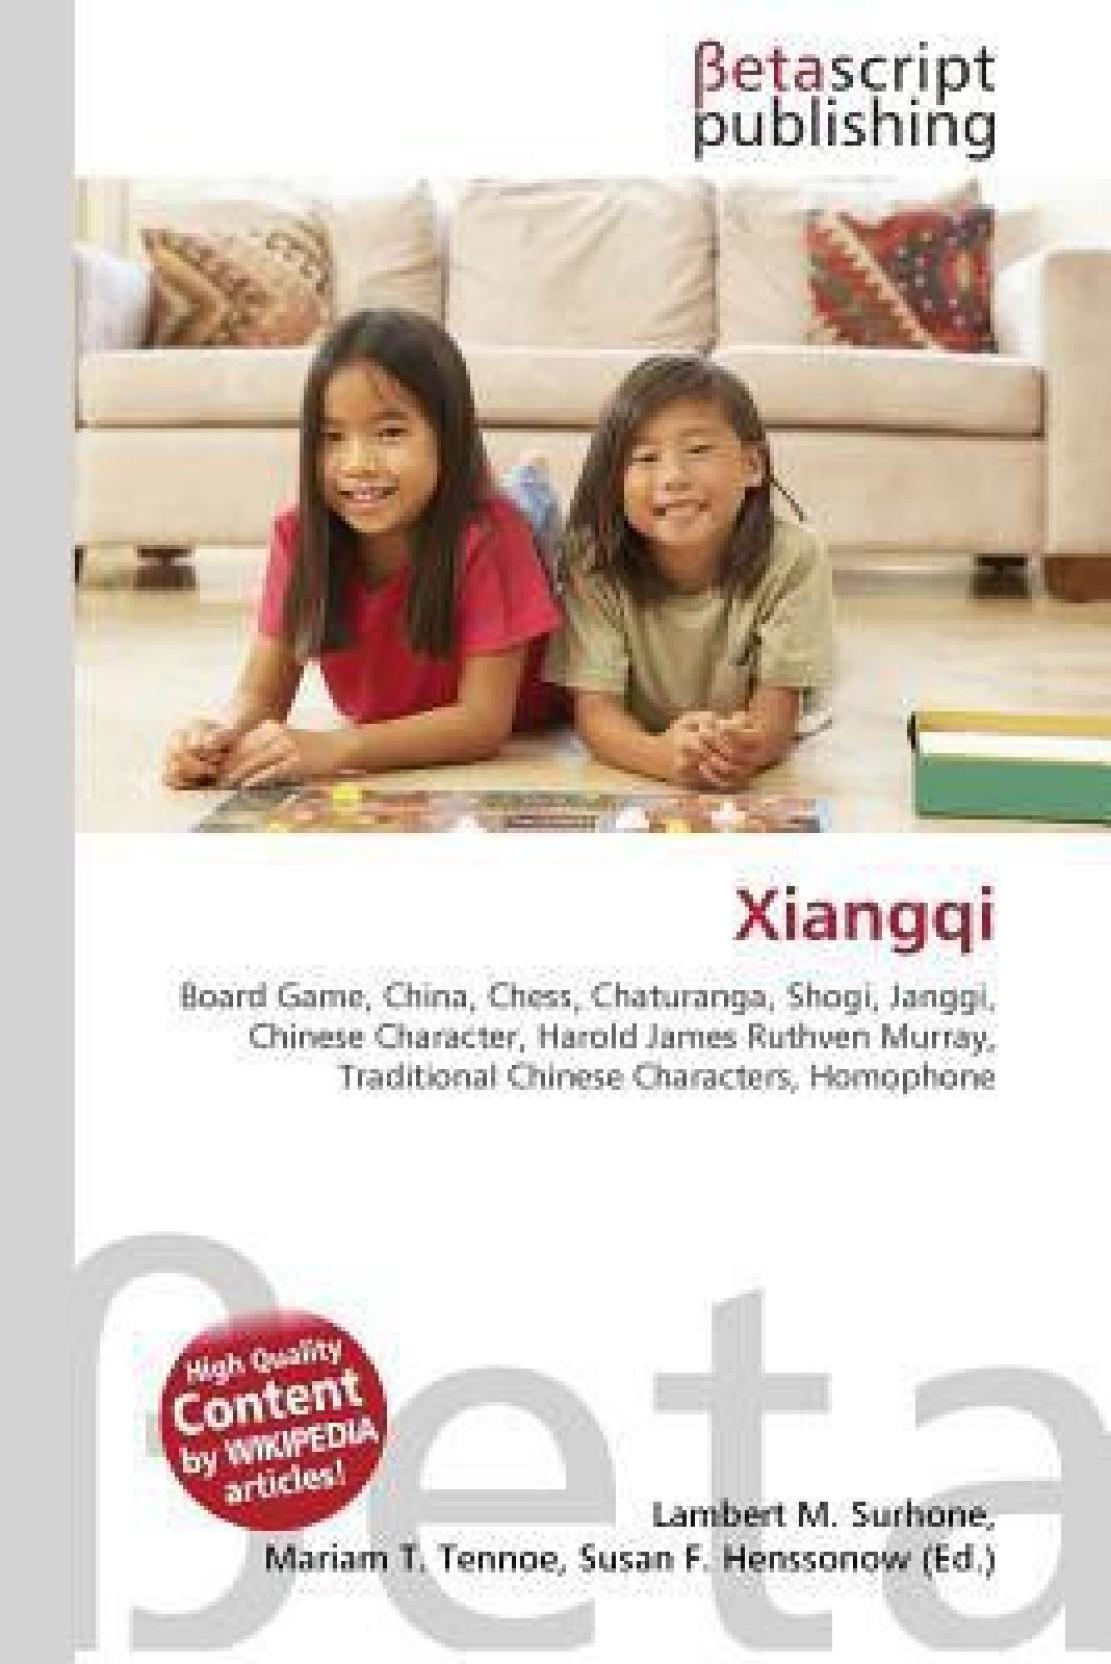 Xiangqi: Board Game, China, Chess, Chaturanga, Shogi, Janggi